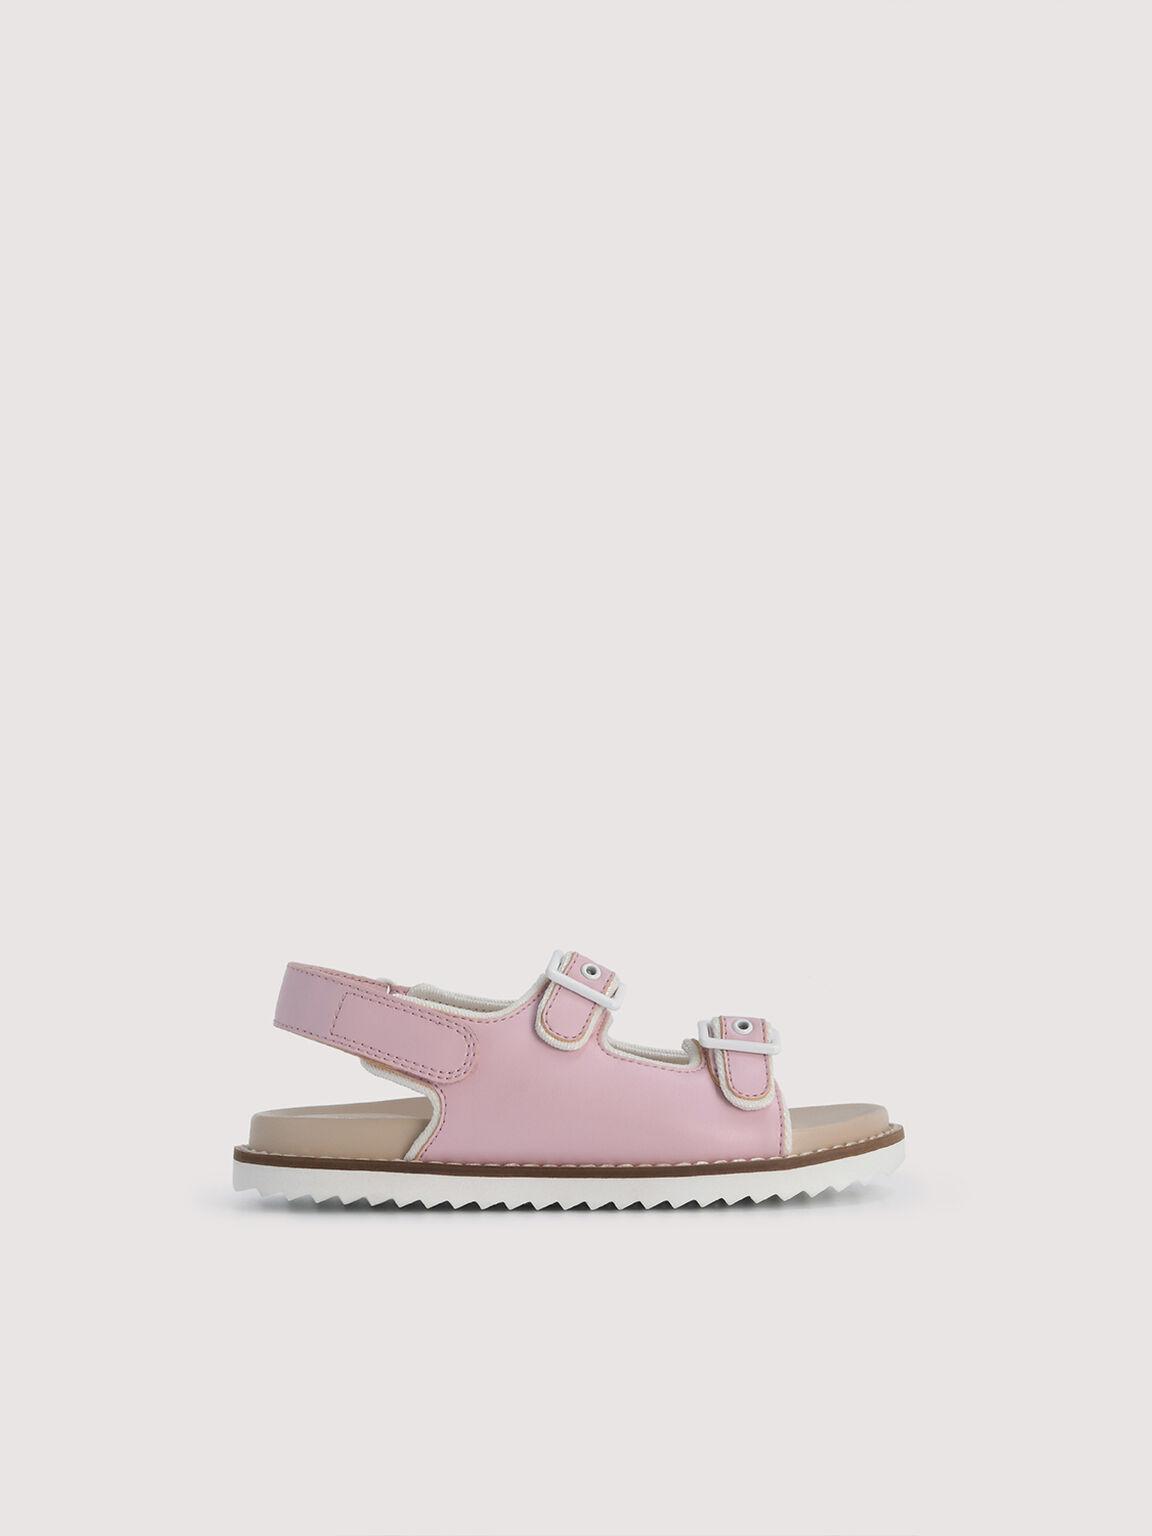 Slingback Sandals, Light Pink, hi-res